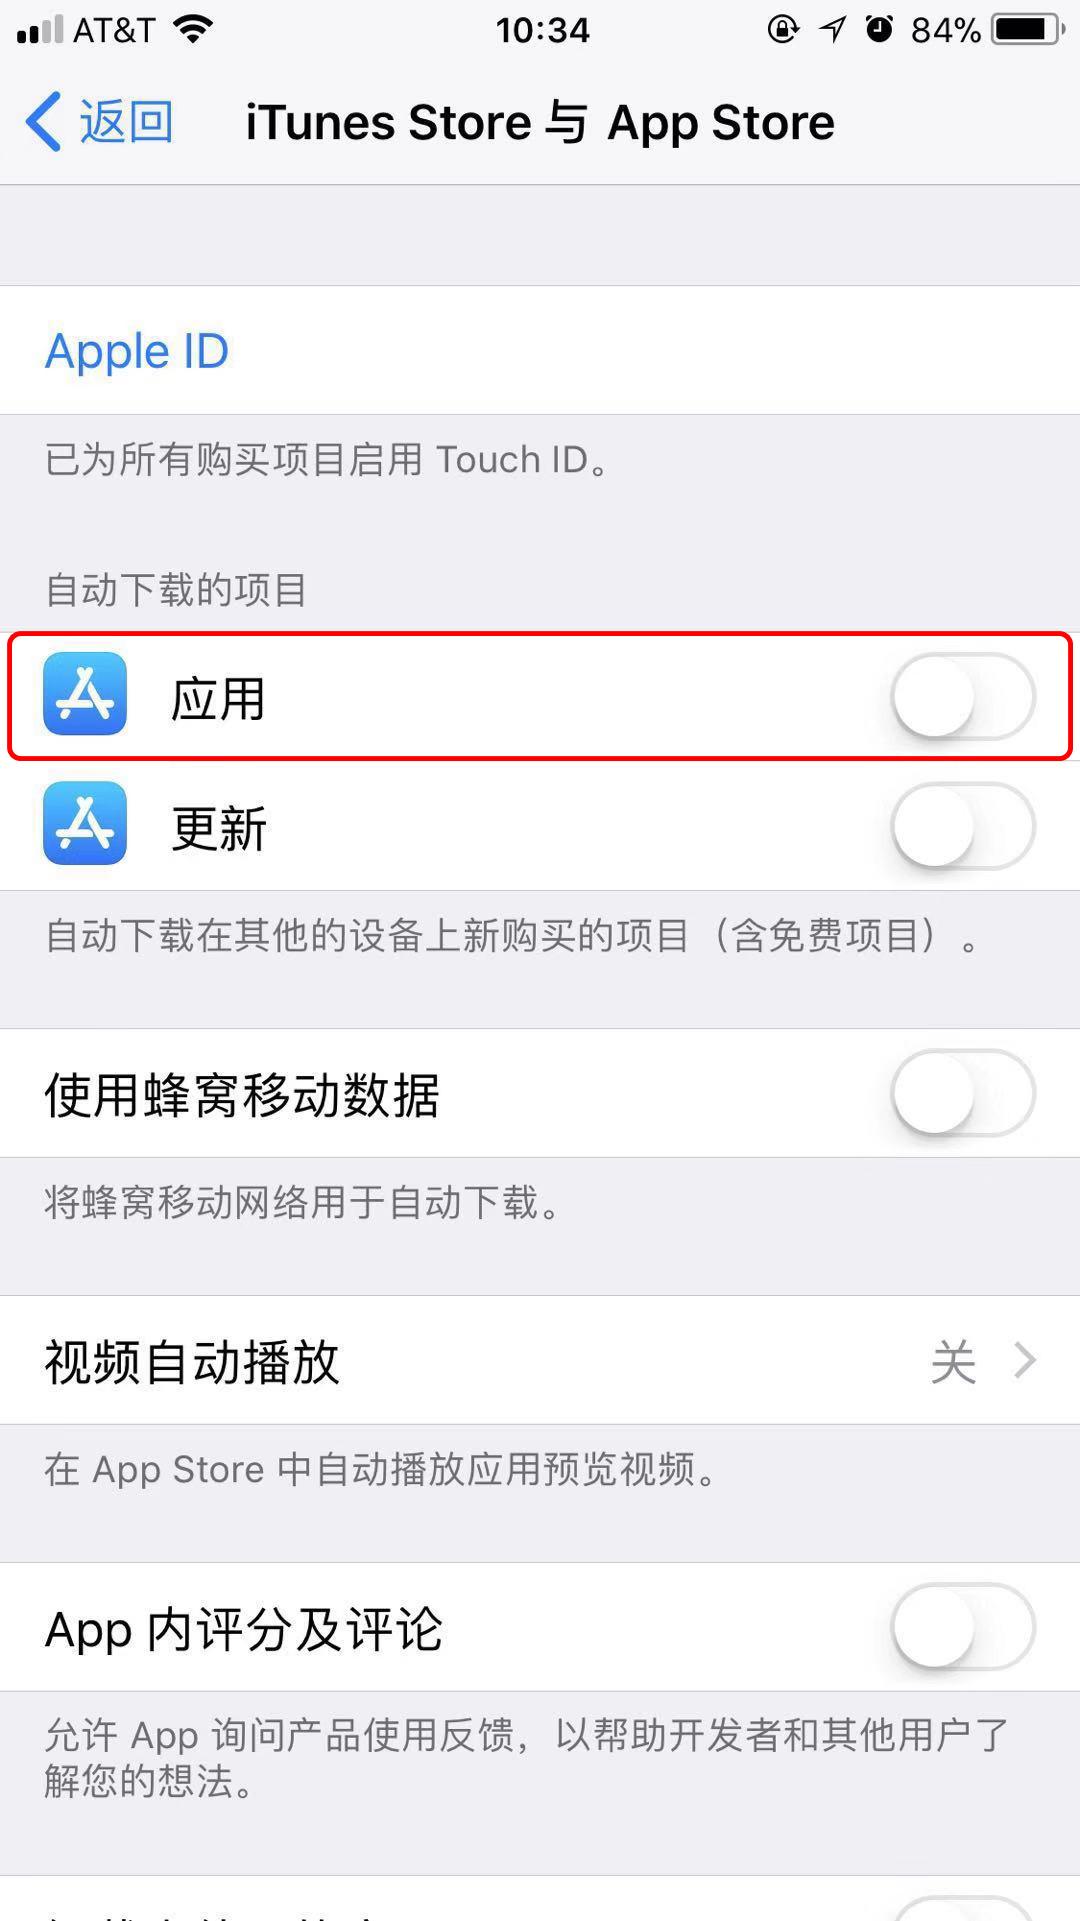 多台设备登录同一 Apple ID,如何关闭同时安装应用?